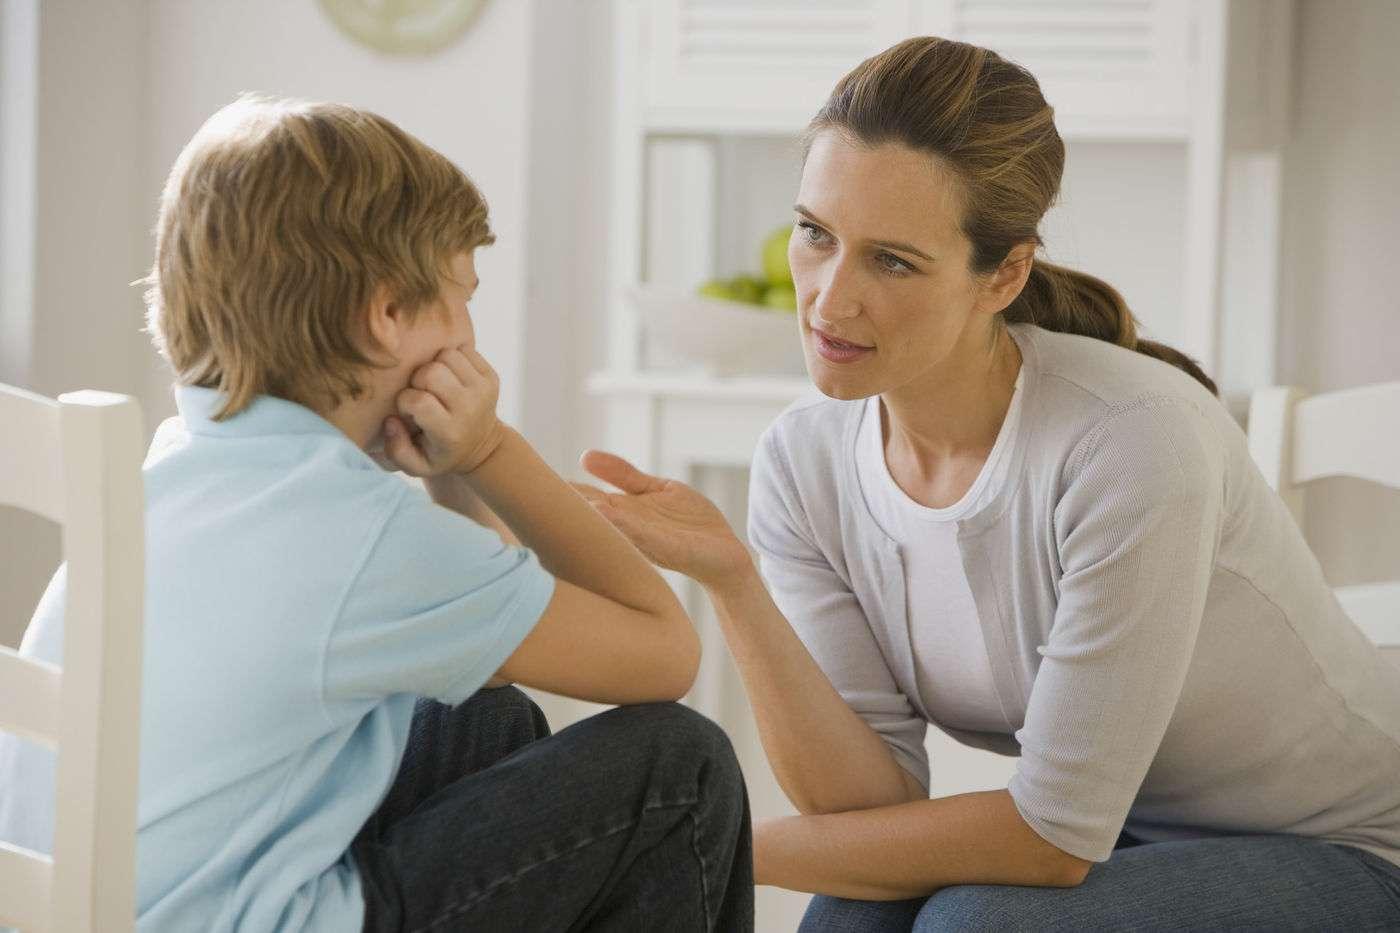 Ο βασικός ρόλος του Λογοθεραπευτή σε προβλήματα λόγου και ομιλίας